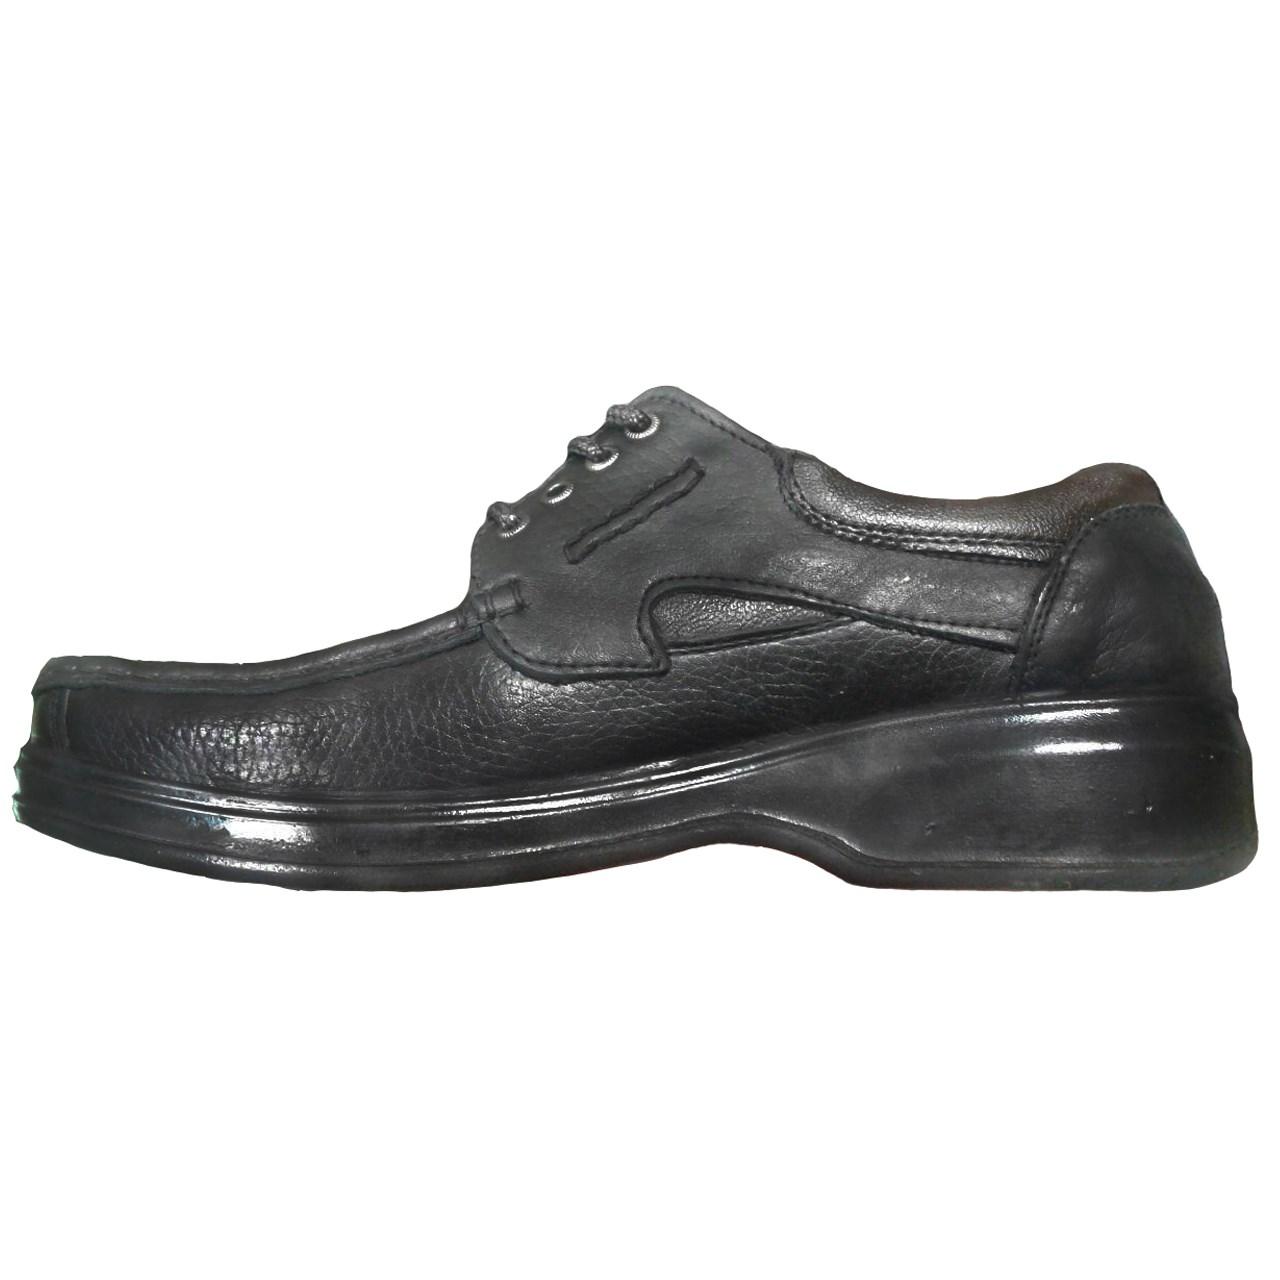 قیمت کفش مردانه فرزین مدل دیبا